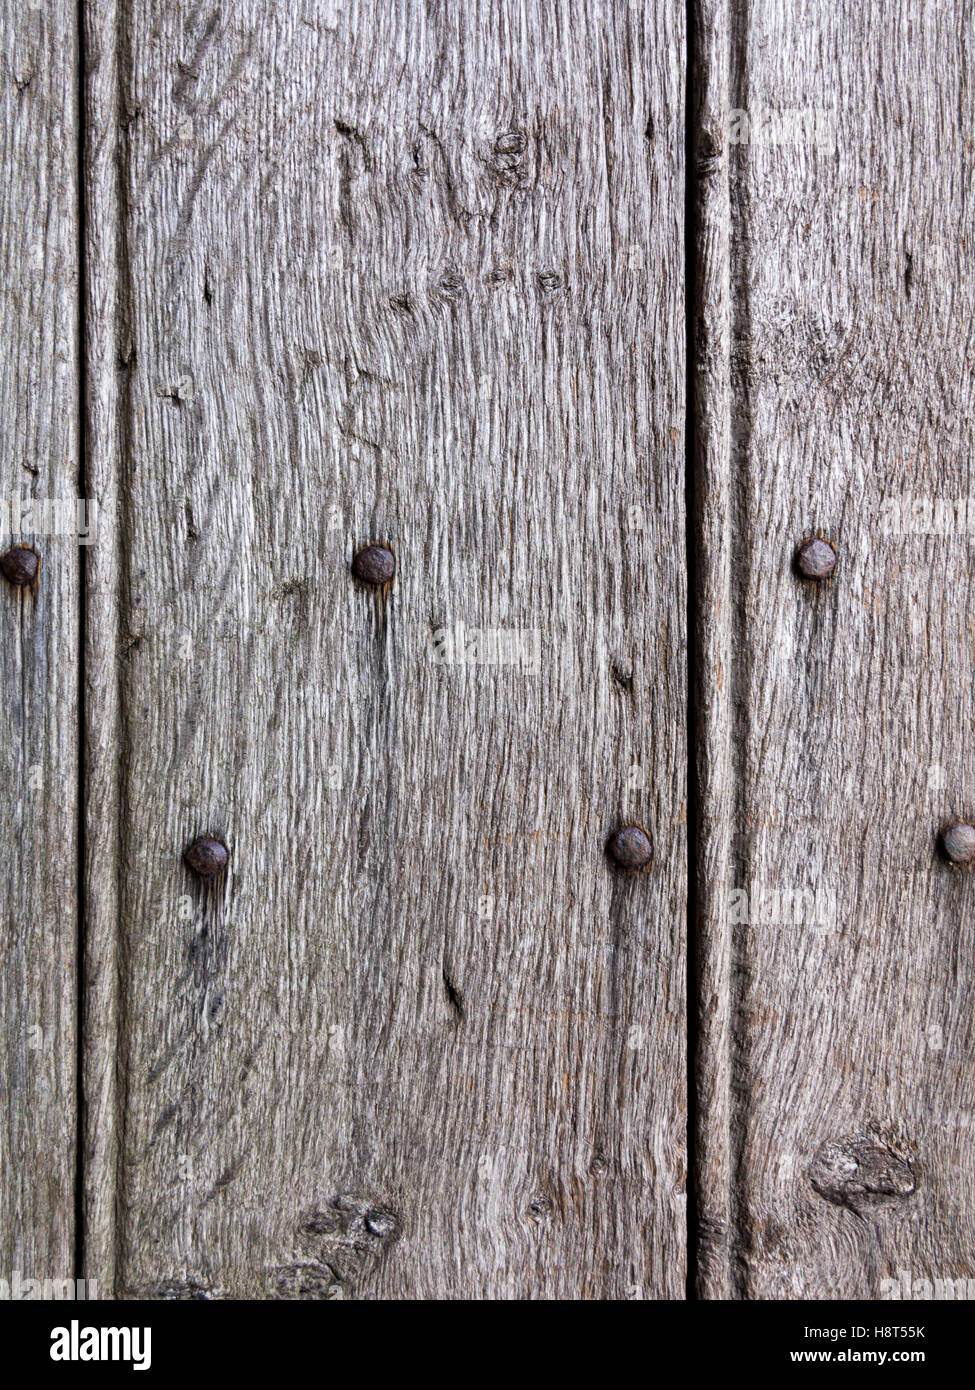 Close up of antique oak door panel with metal studs - Stock Image - Old Oak Door Stock Photos & Old Oak Door Stock Images - Alamy